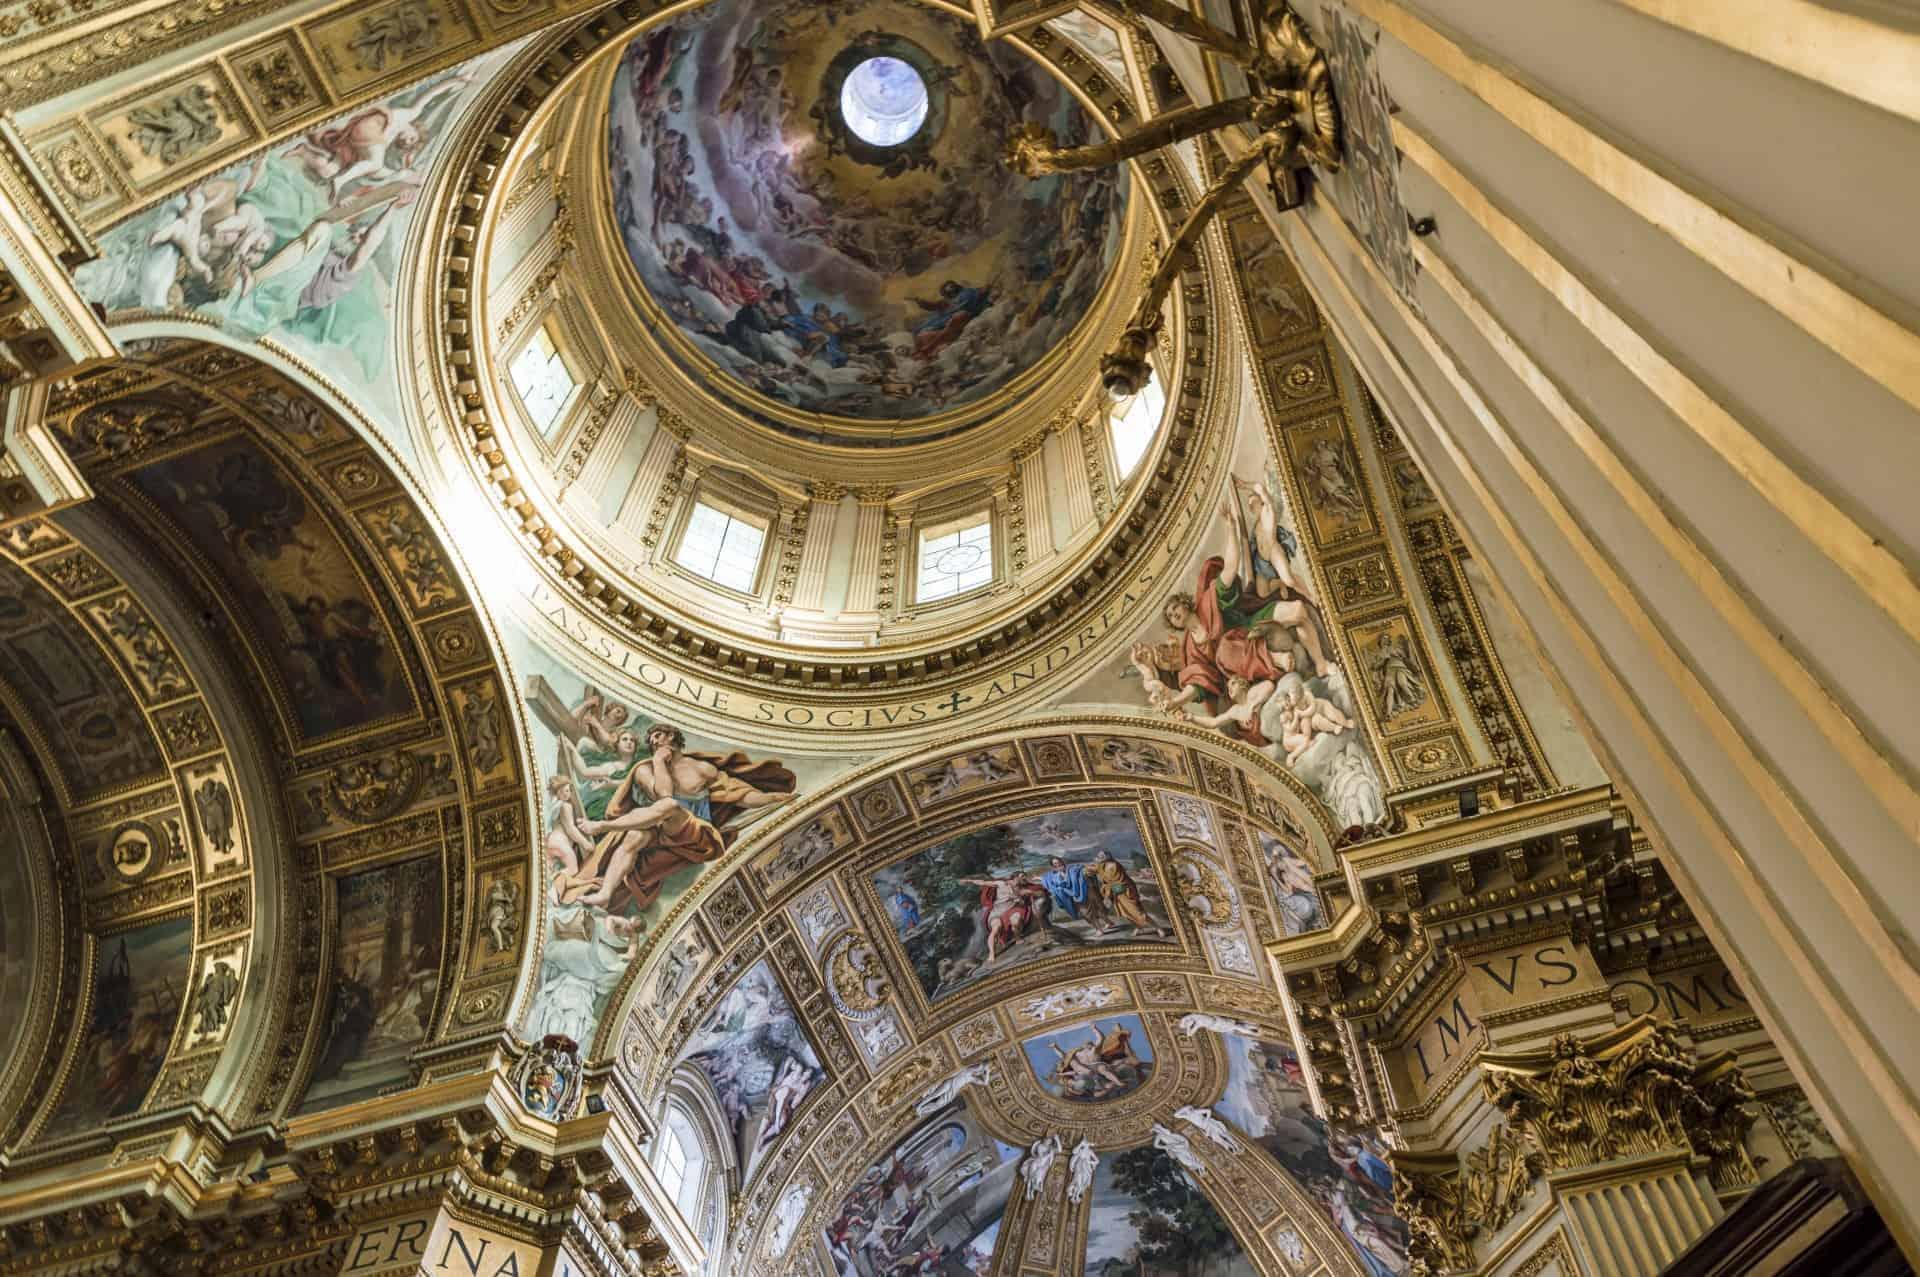 Interior of the Basilica of Sant Andrea della Valle